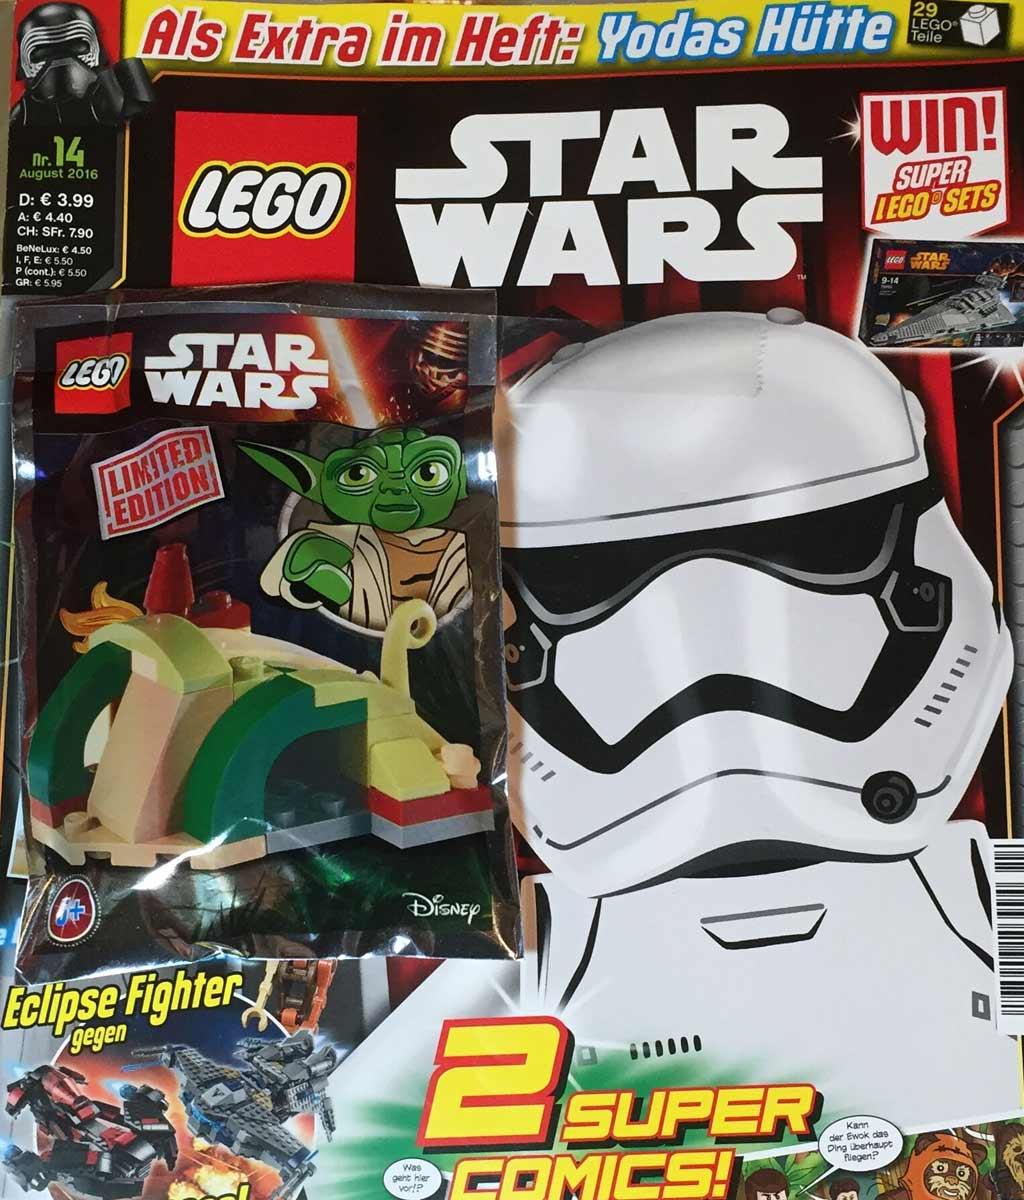 LEGO Star Wars Magazin August 2016 | © Matthias Kuhnt / zusammengebaut.com